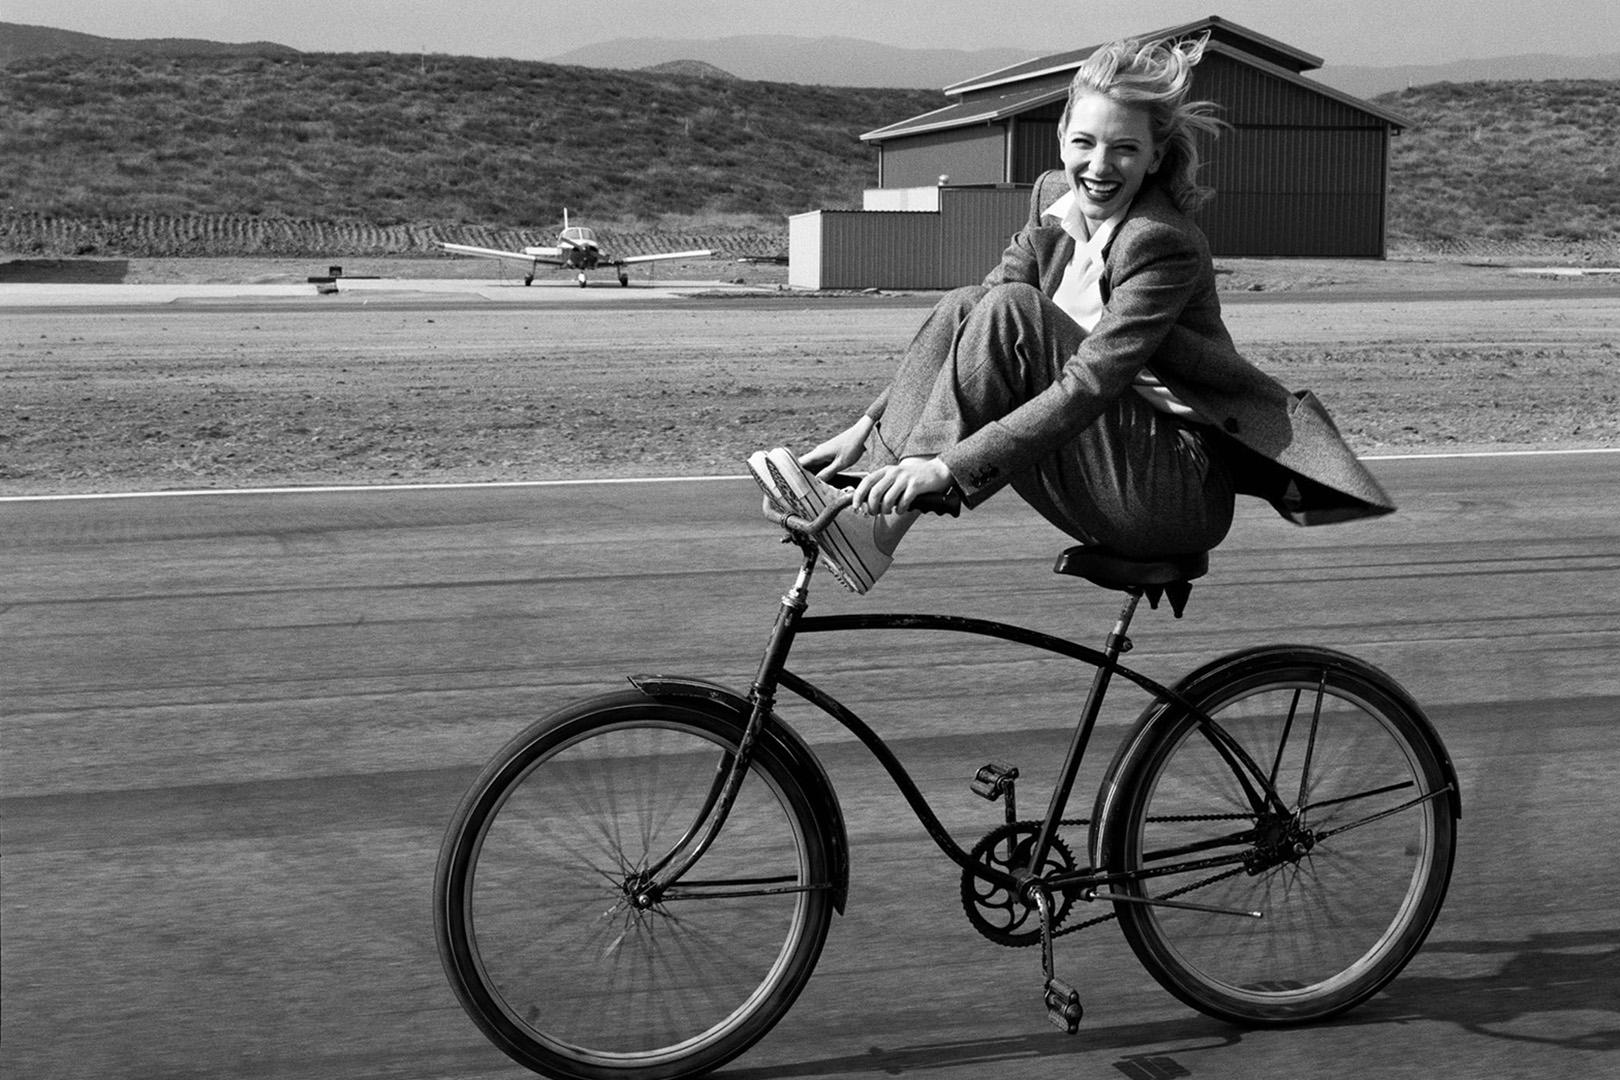 Cate Blanchett. Photographed by Annie Leibovitz, Vogue, Demeber 2004.